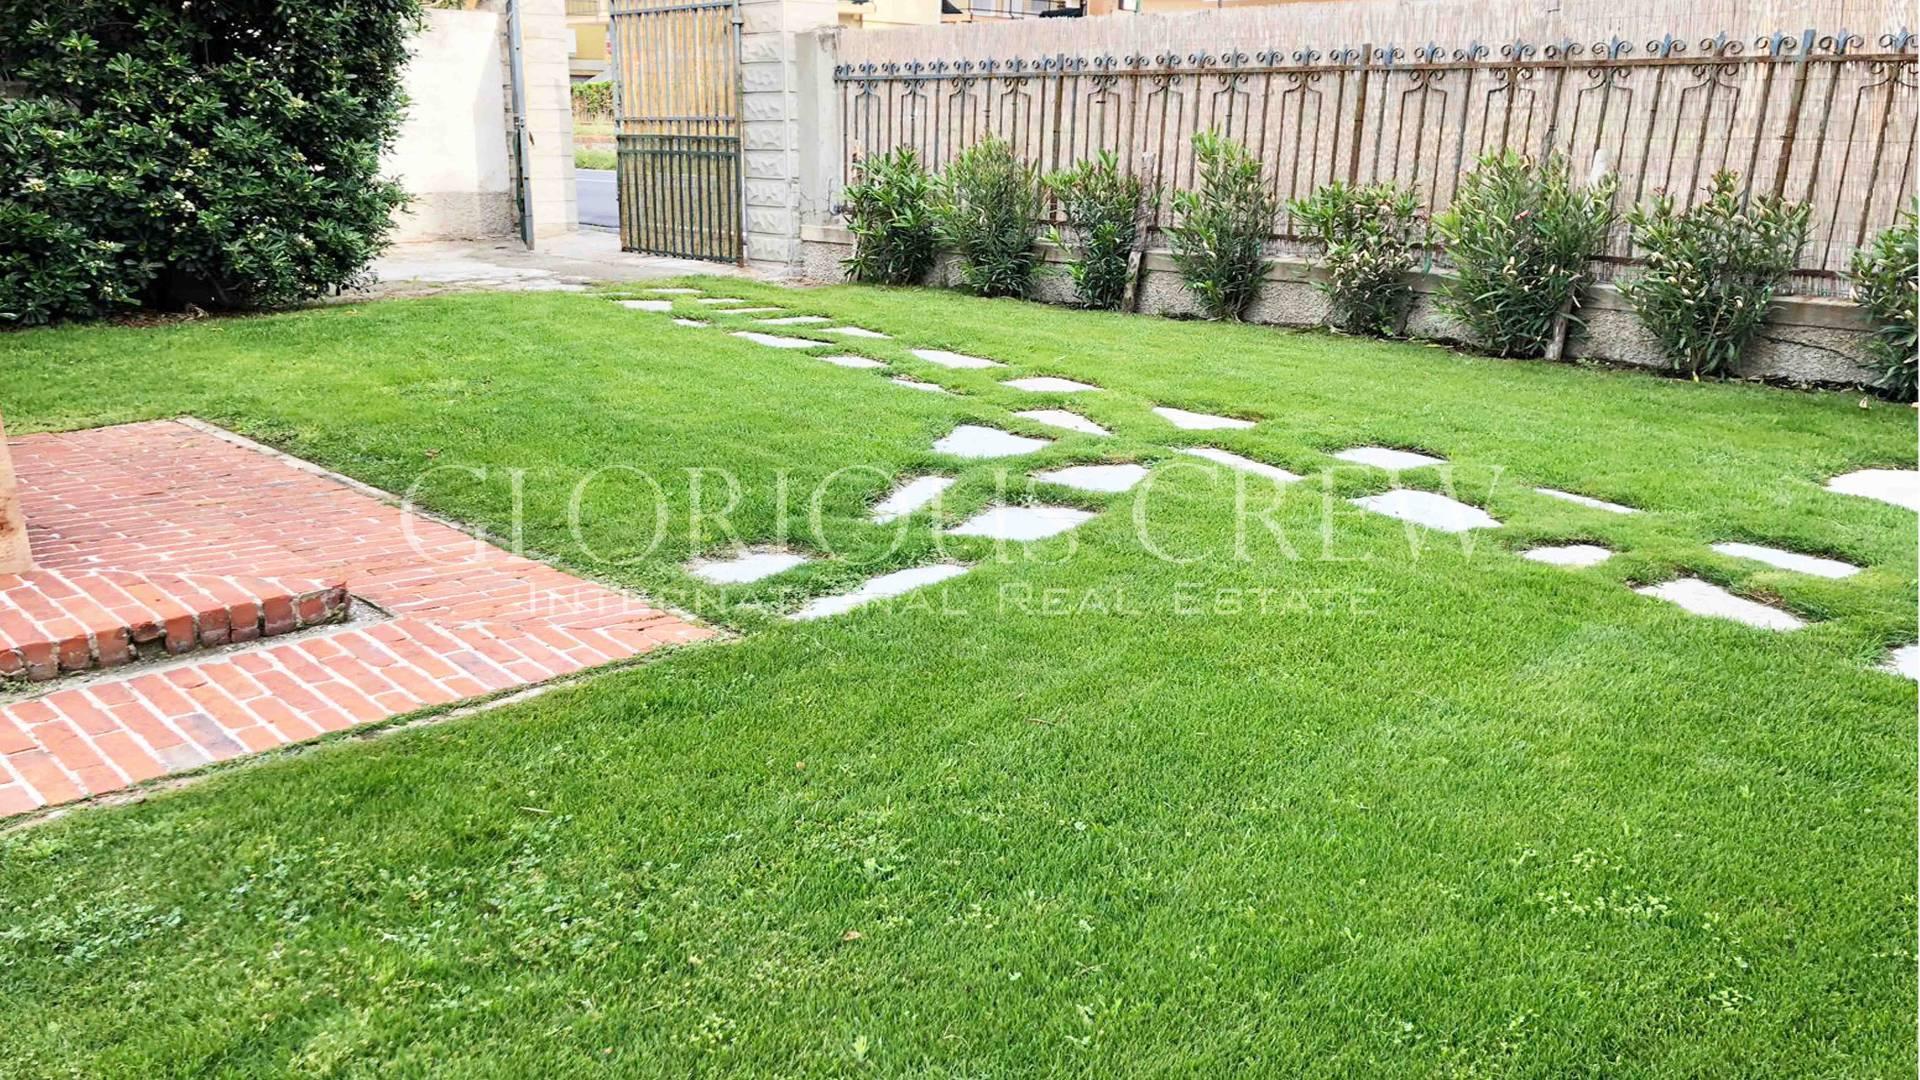 Villa in Vendita a Borgio Verezzi: 5 locali, 240 mq - Foto 22